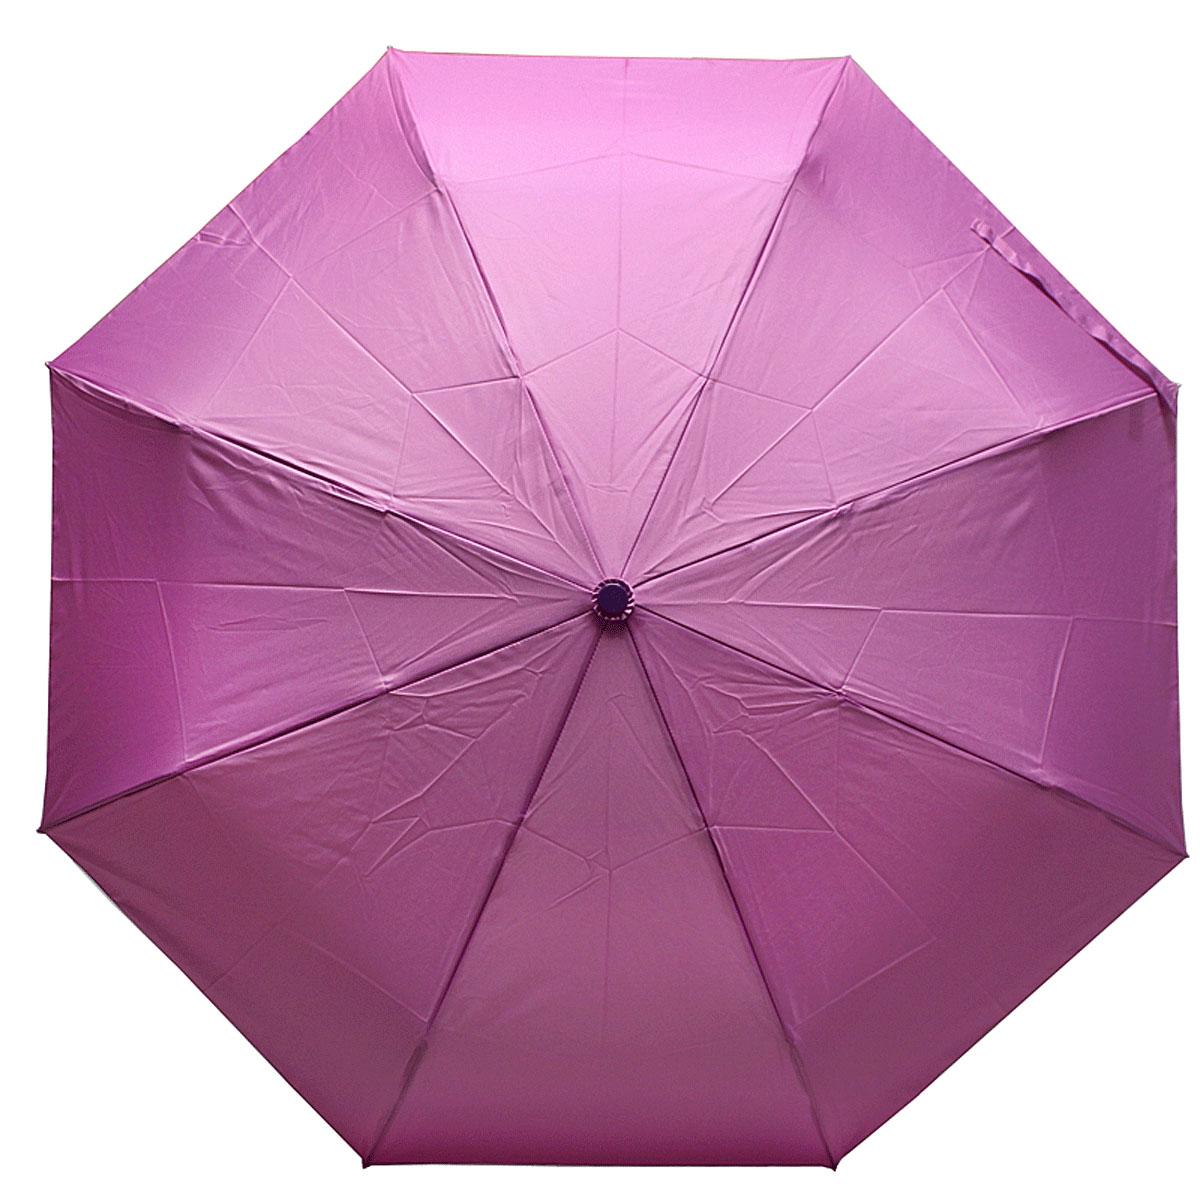 Зонт женский Vogue, полный автомат, 3 сложения, цвет: розовый. 374V-1374V-1Зонт полный автомат испанского производителя Vogue Каркас имеет противоветровый эффект 3 сложения Стержень: сталь 8спиц по 54см. Диаметр купола: 95см. Вес: 361гр. Длина в сложенном положении: 29см. Коллекция Vogue, отражающая самые последние тенденции в моде, очень удачно сочетается с практичностью и отличным качеством испанских зонтов, применение в производстве каркасов современных материалов уменьшает вес зонтиков и гарантирует надежность и качество Рекомендации по использованию: Мокрый зонт нельзя оставять сложенным. Зонт после использования рекомндуется сушить в полураскрытом виде вдали от нагревательных приборов. Чистить зонт рекомендуется губкой, используя мягкие нещелочные растворы.